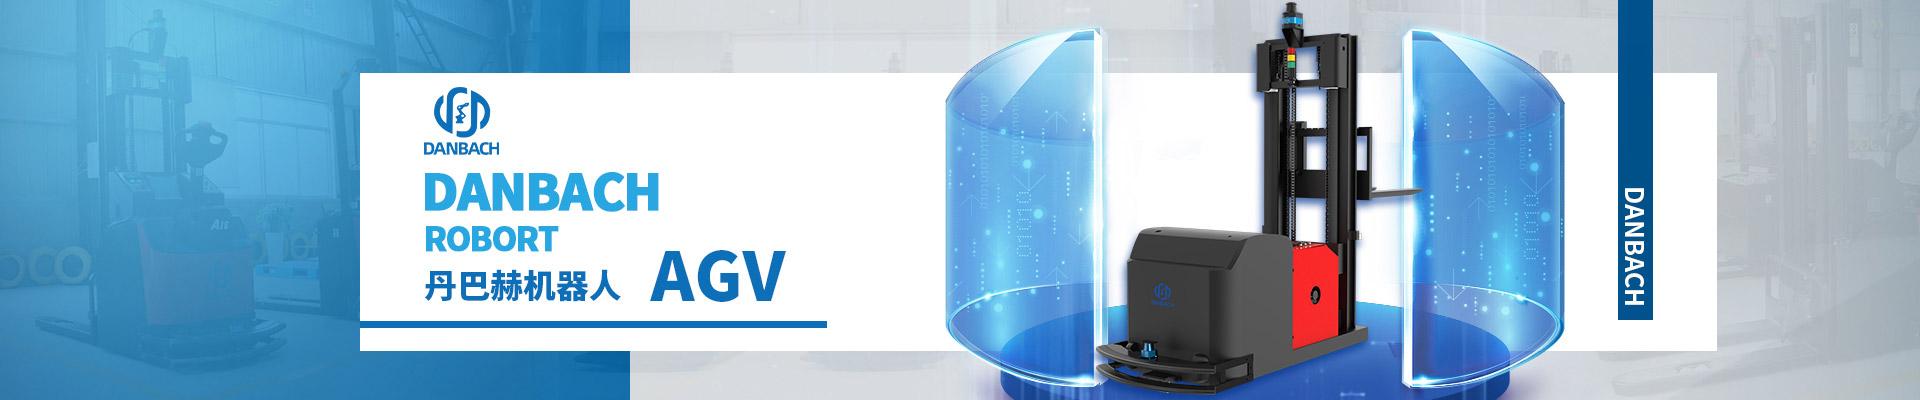 丹巴赫工业机器人